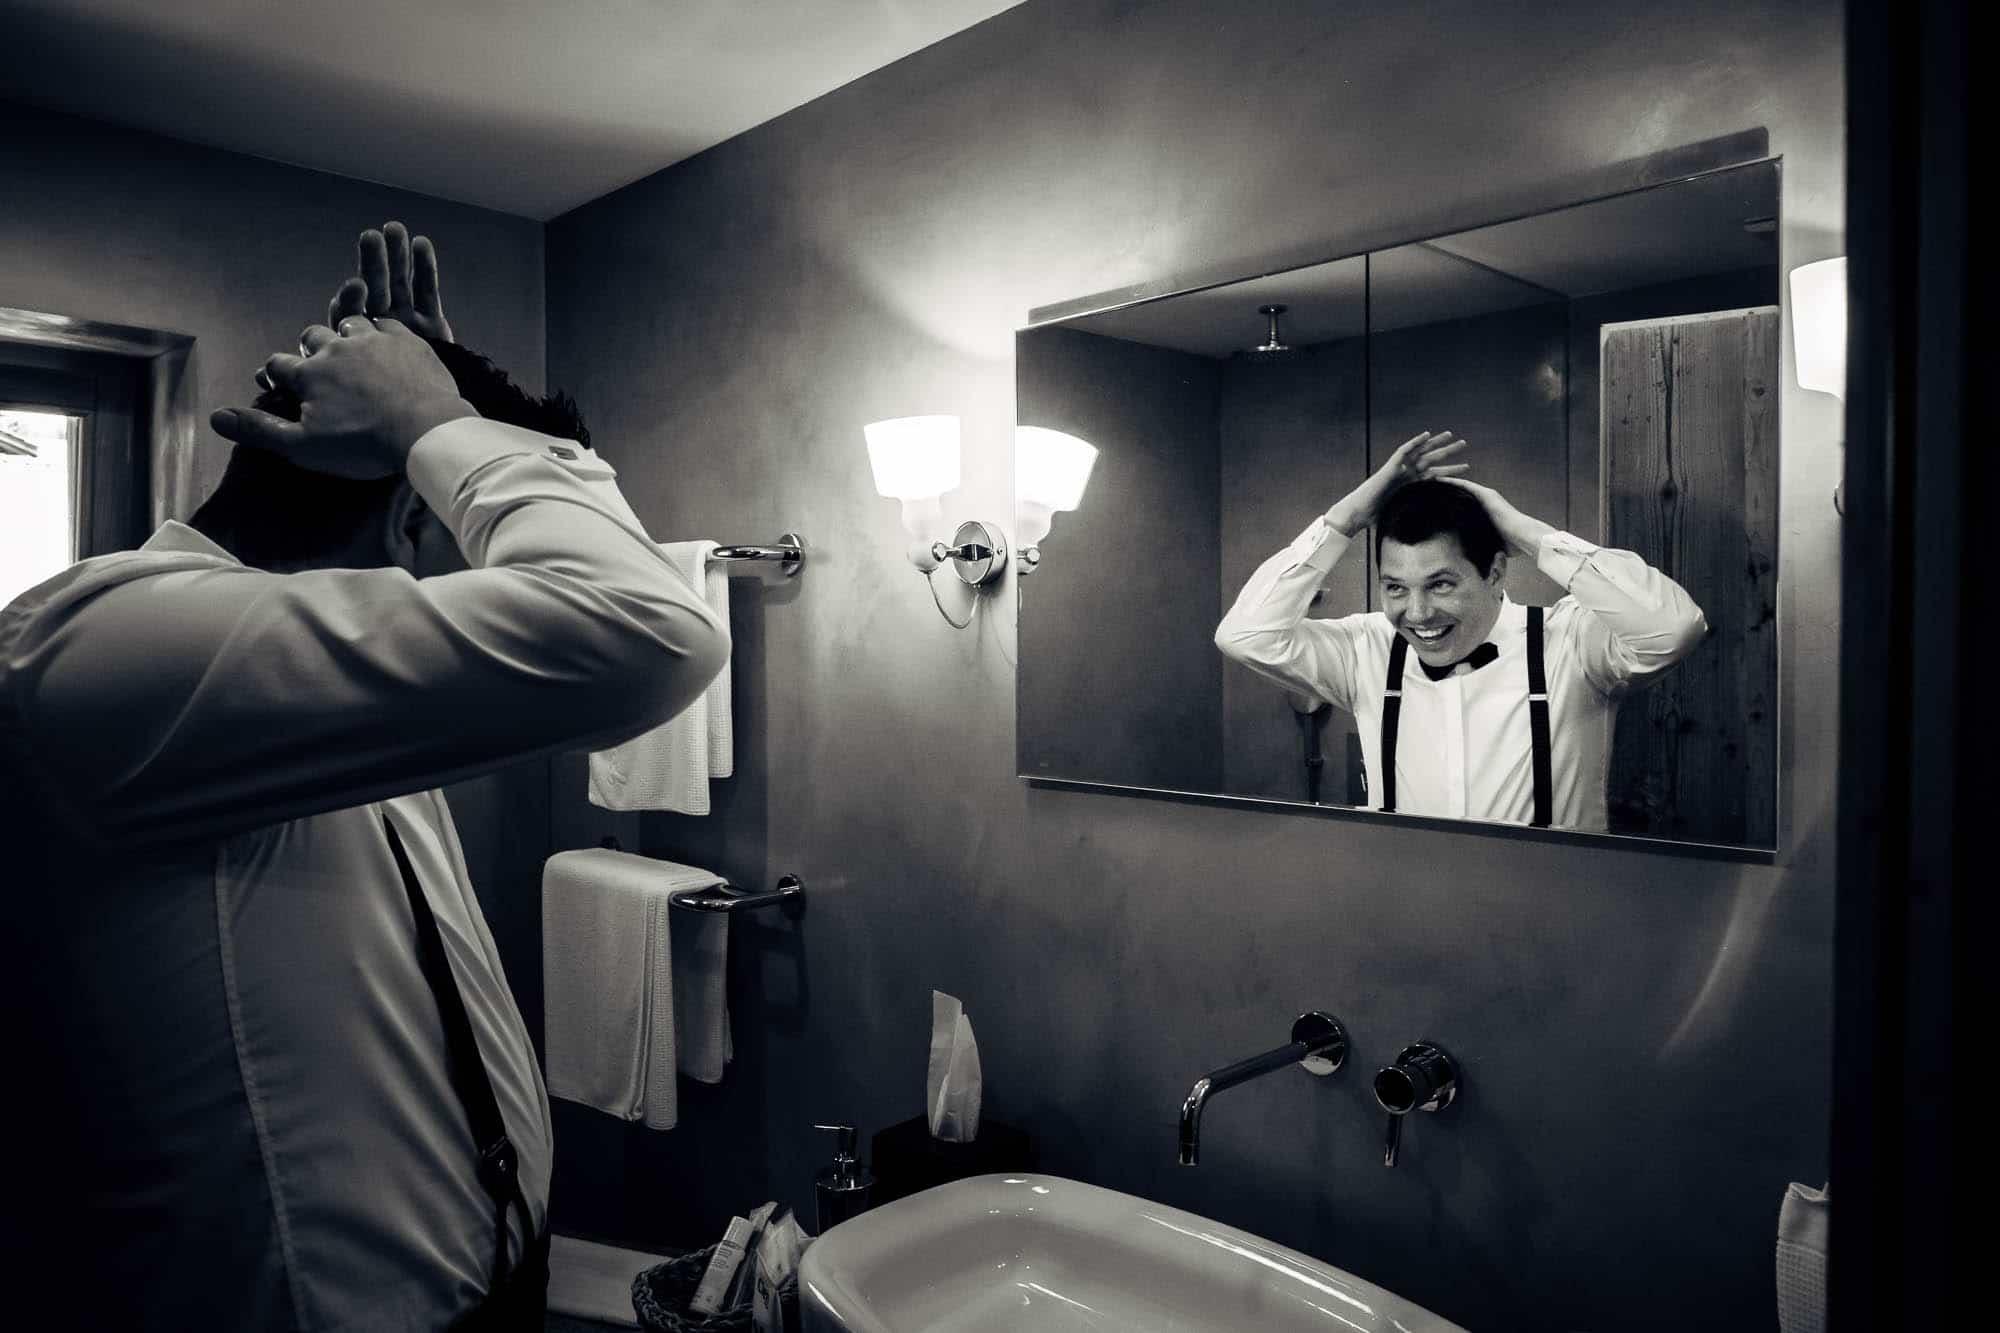 Haarstyling vor dem Spiegel